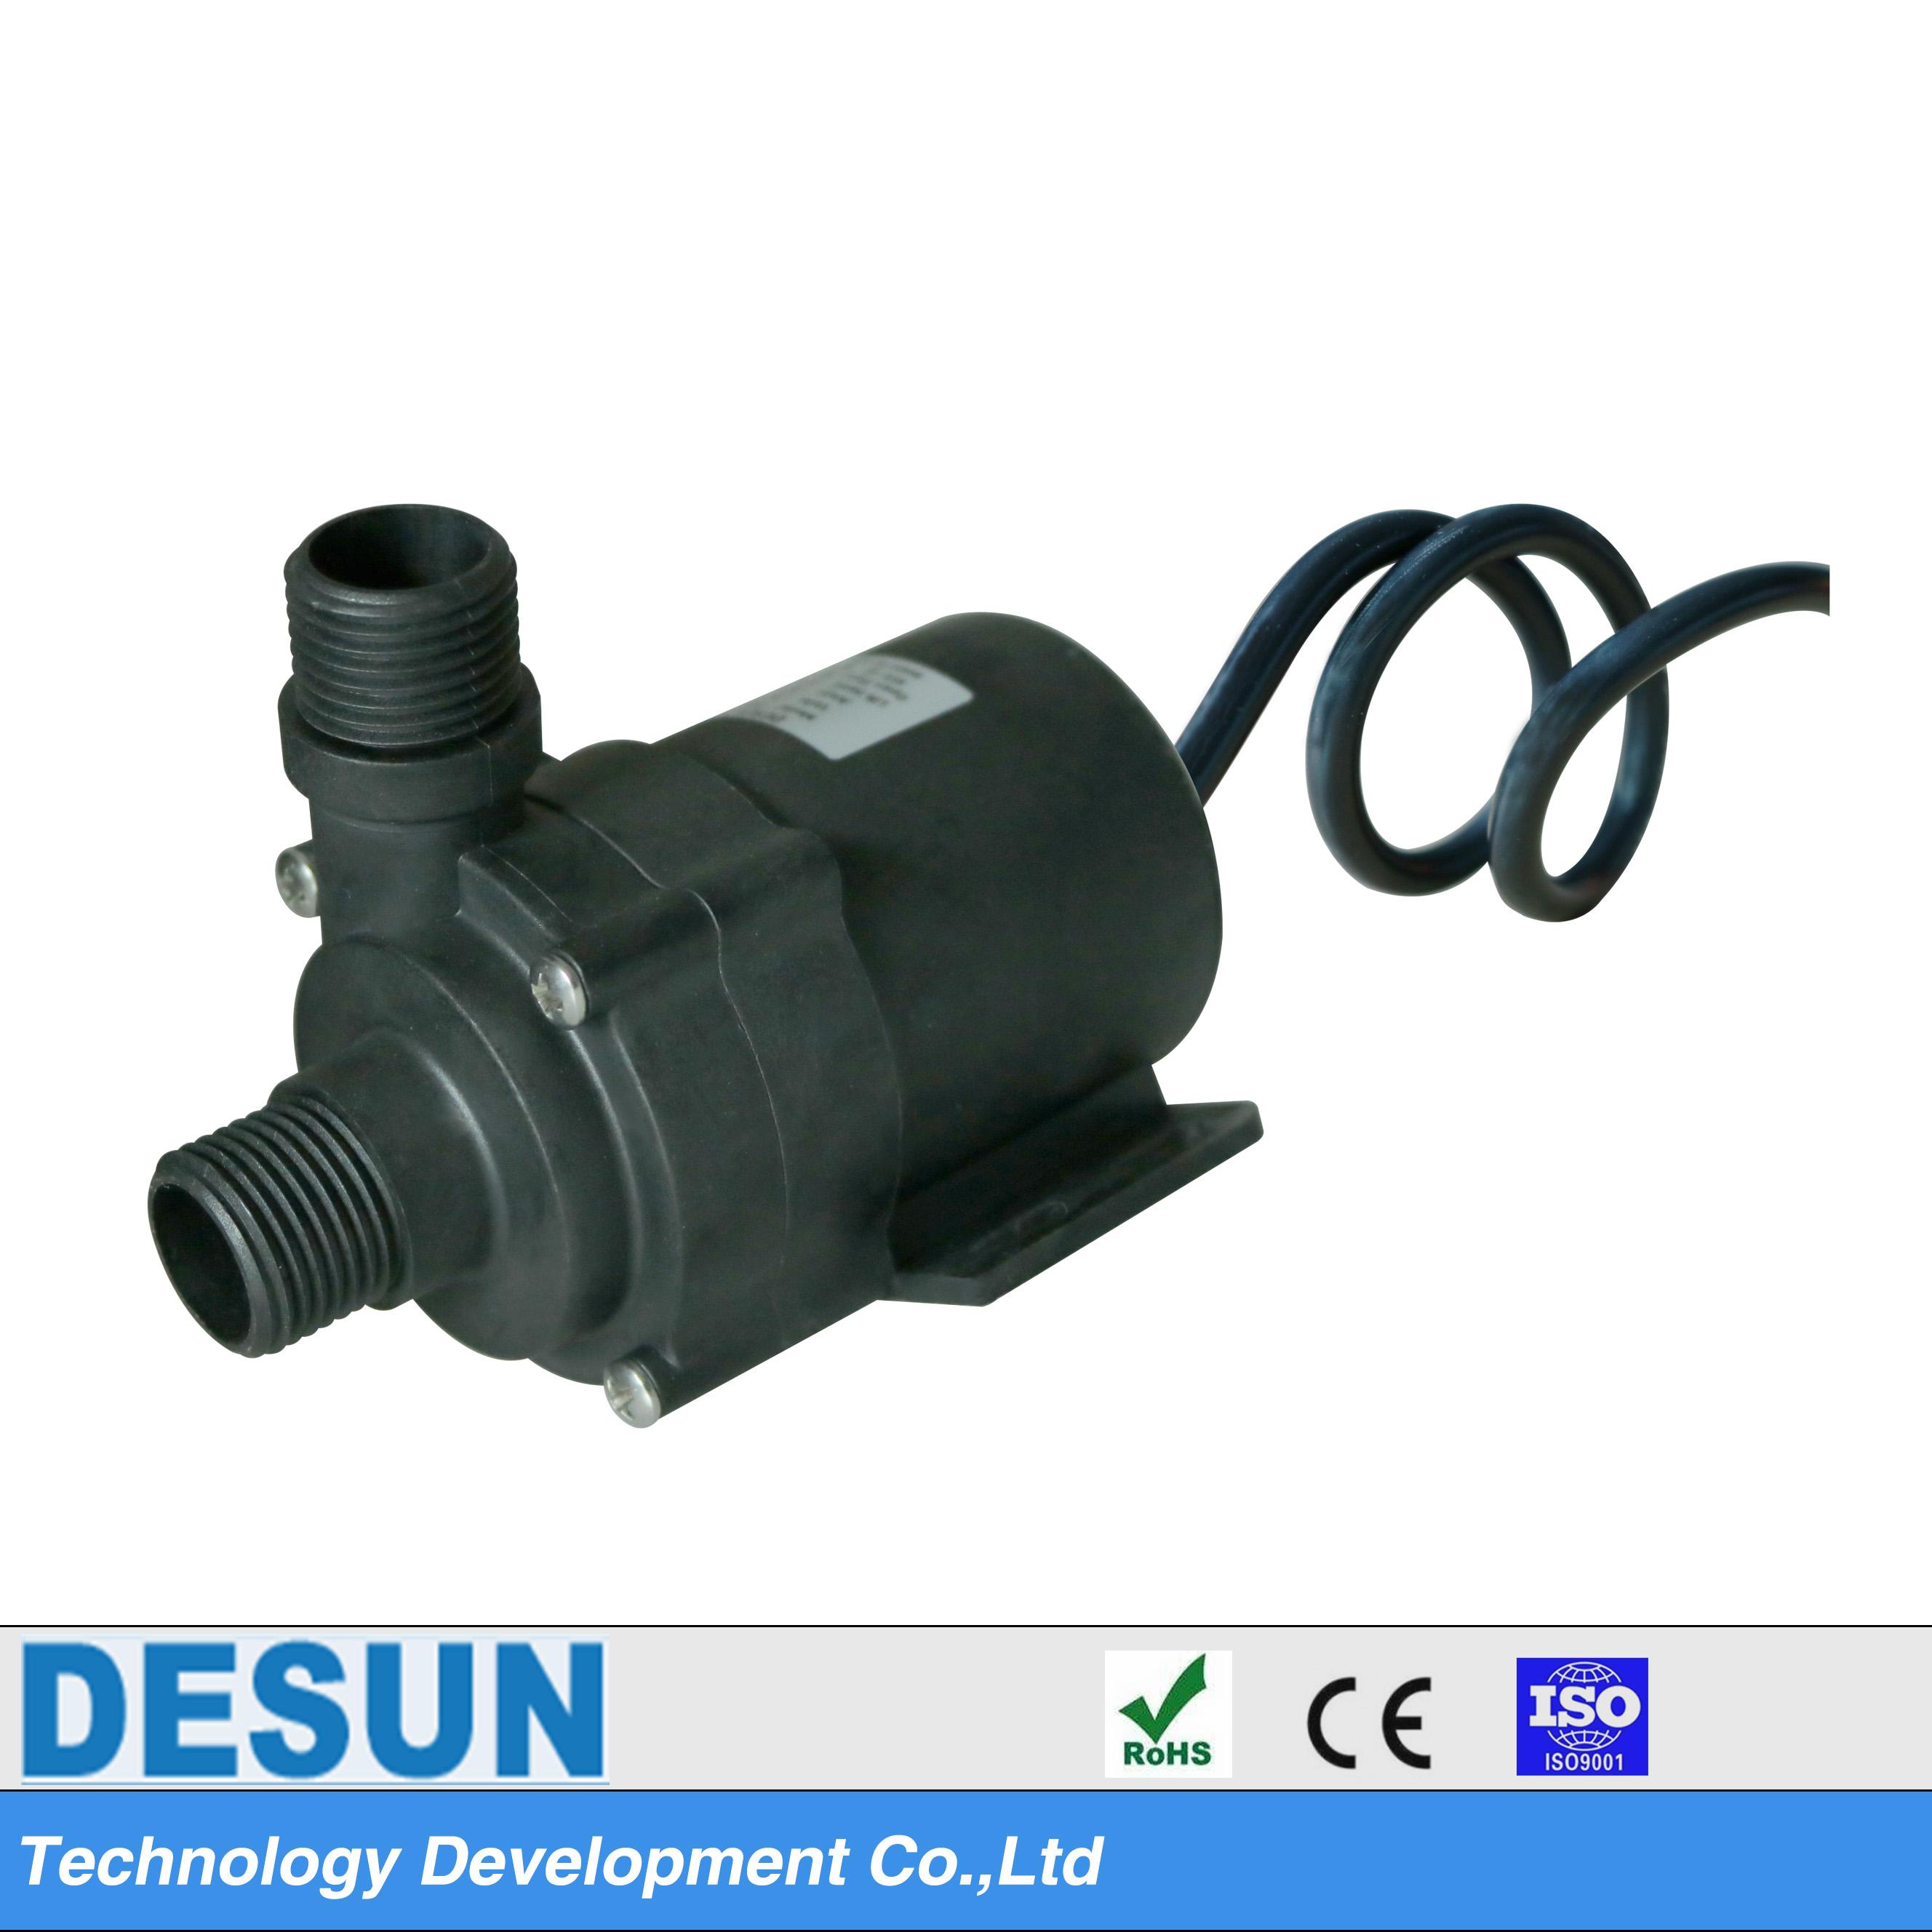 微型直流无刷潜水泵DS5007